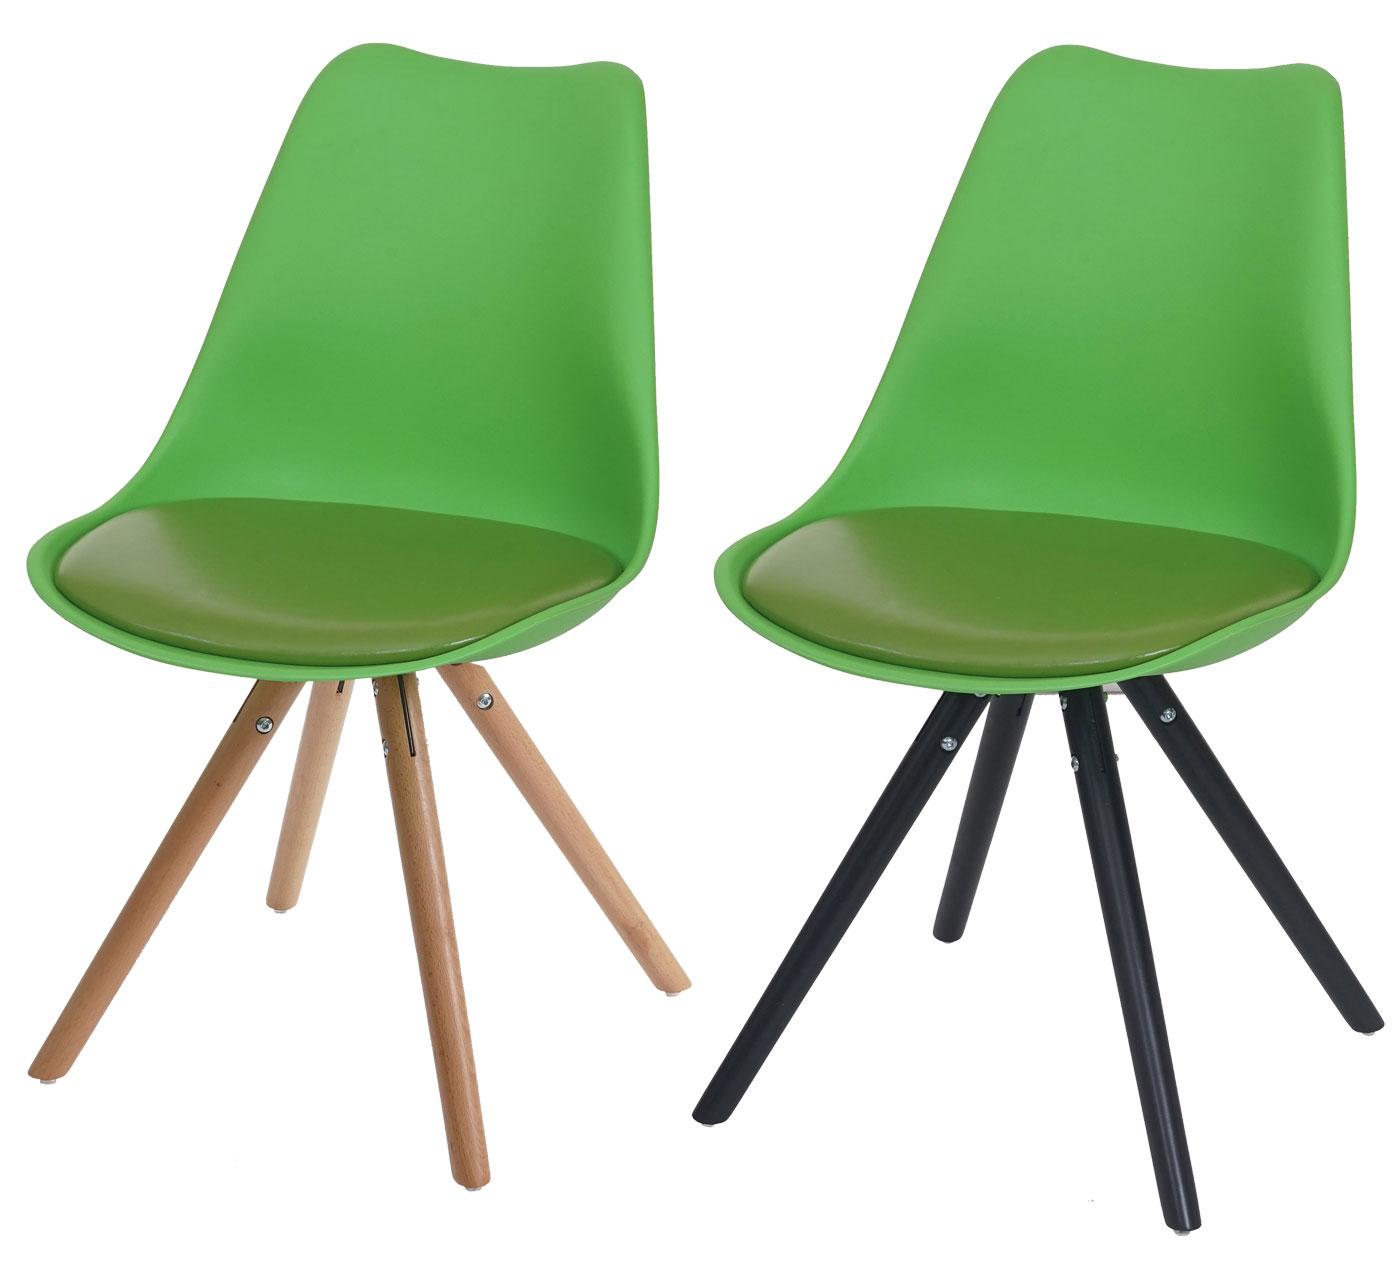 4x esszimmerstuhl malm t501 stuhl lehnstuhl retro 50er jahre design ebay. Black Bedroom Furniture Sets. Home Design Ideas